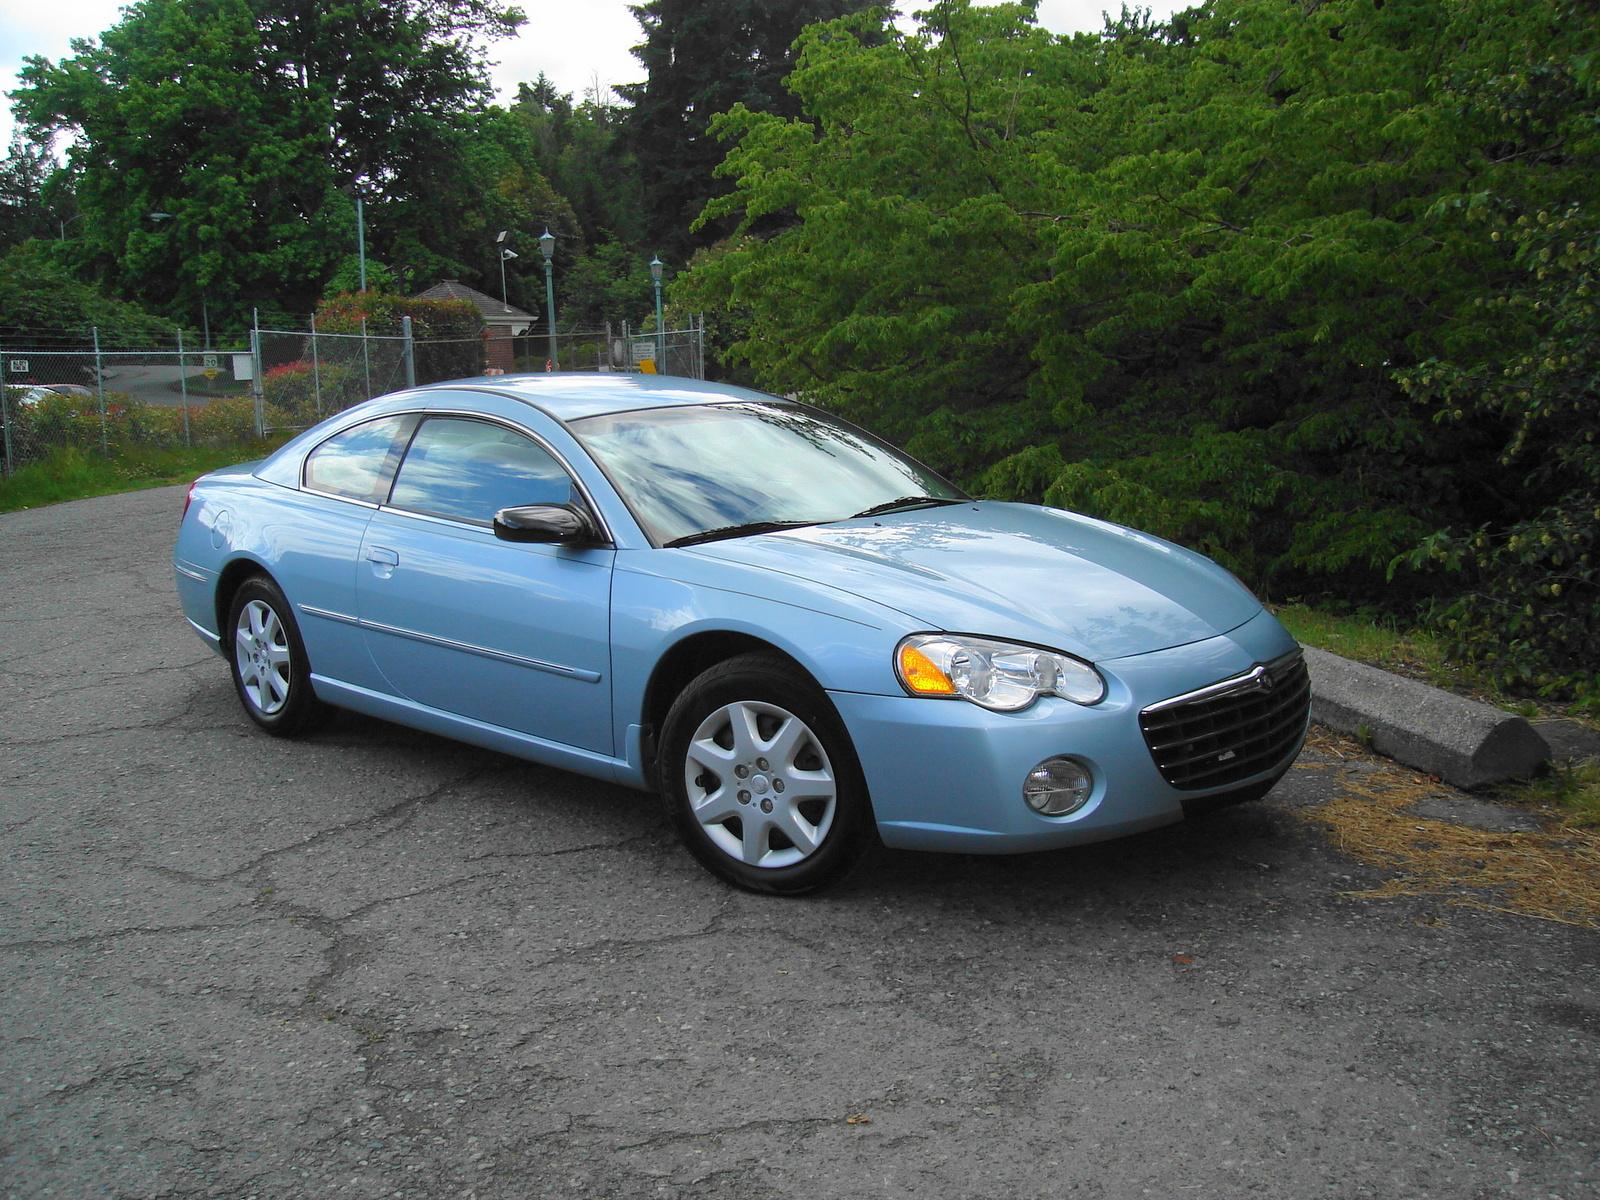 2003 Chrysler Sebring - Pictures